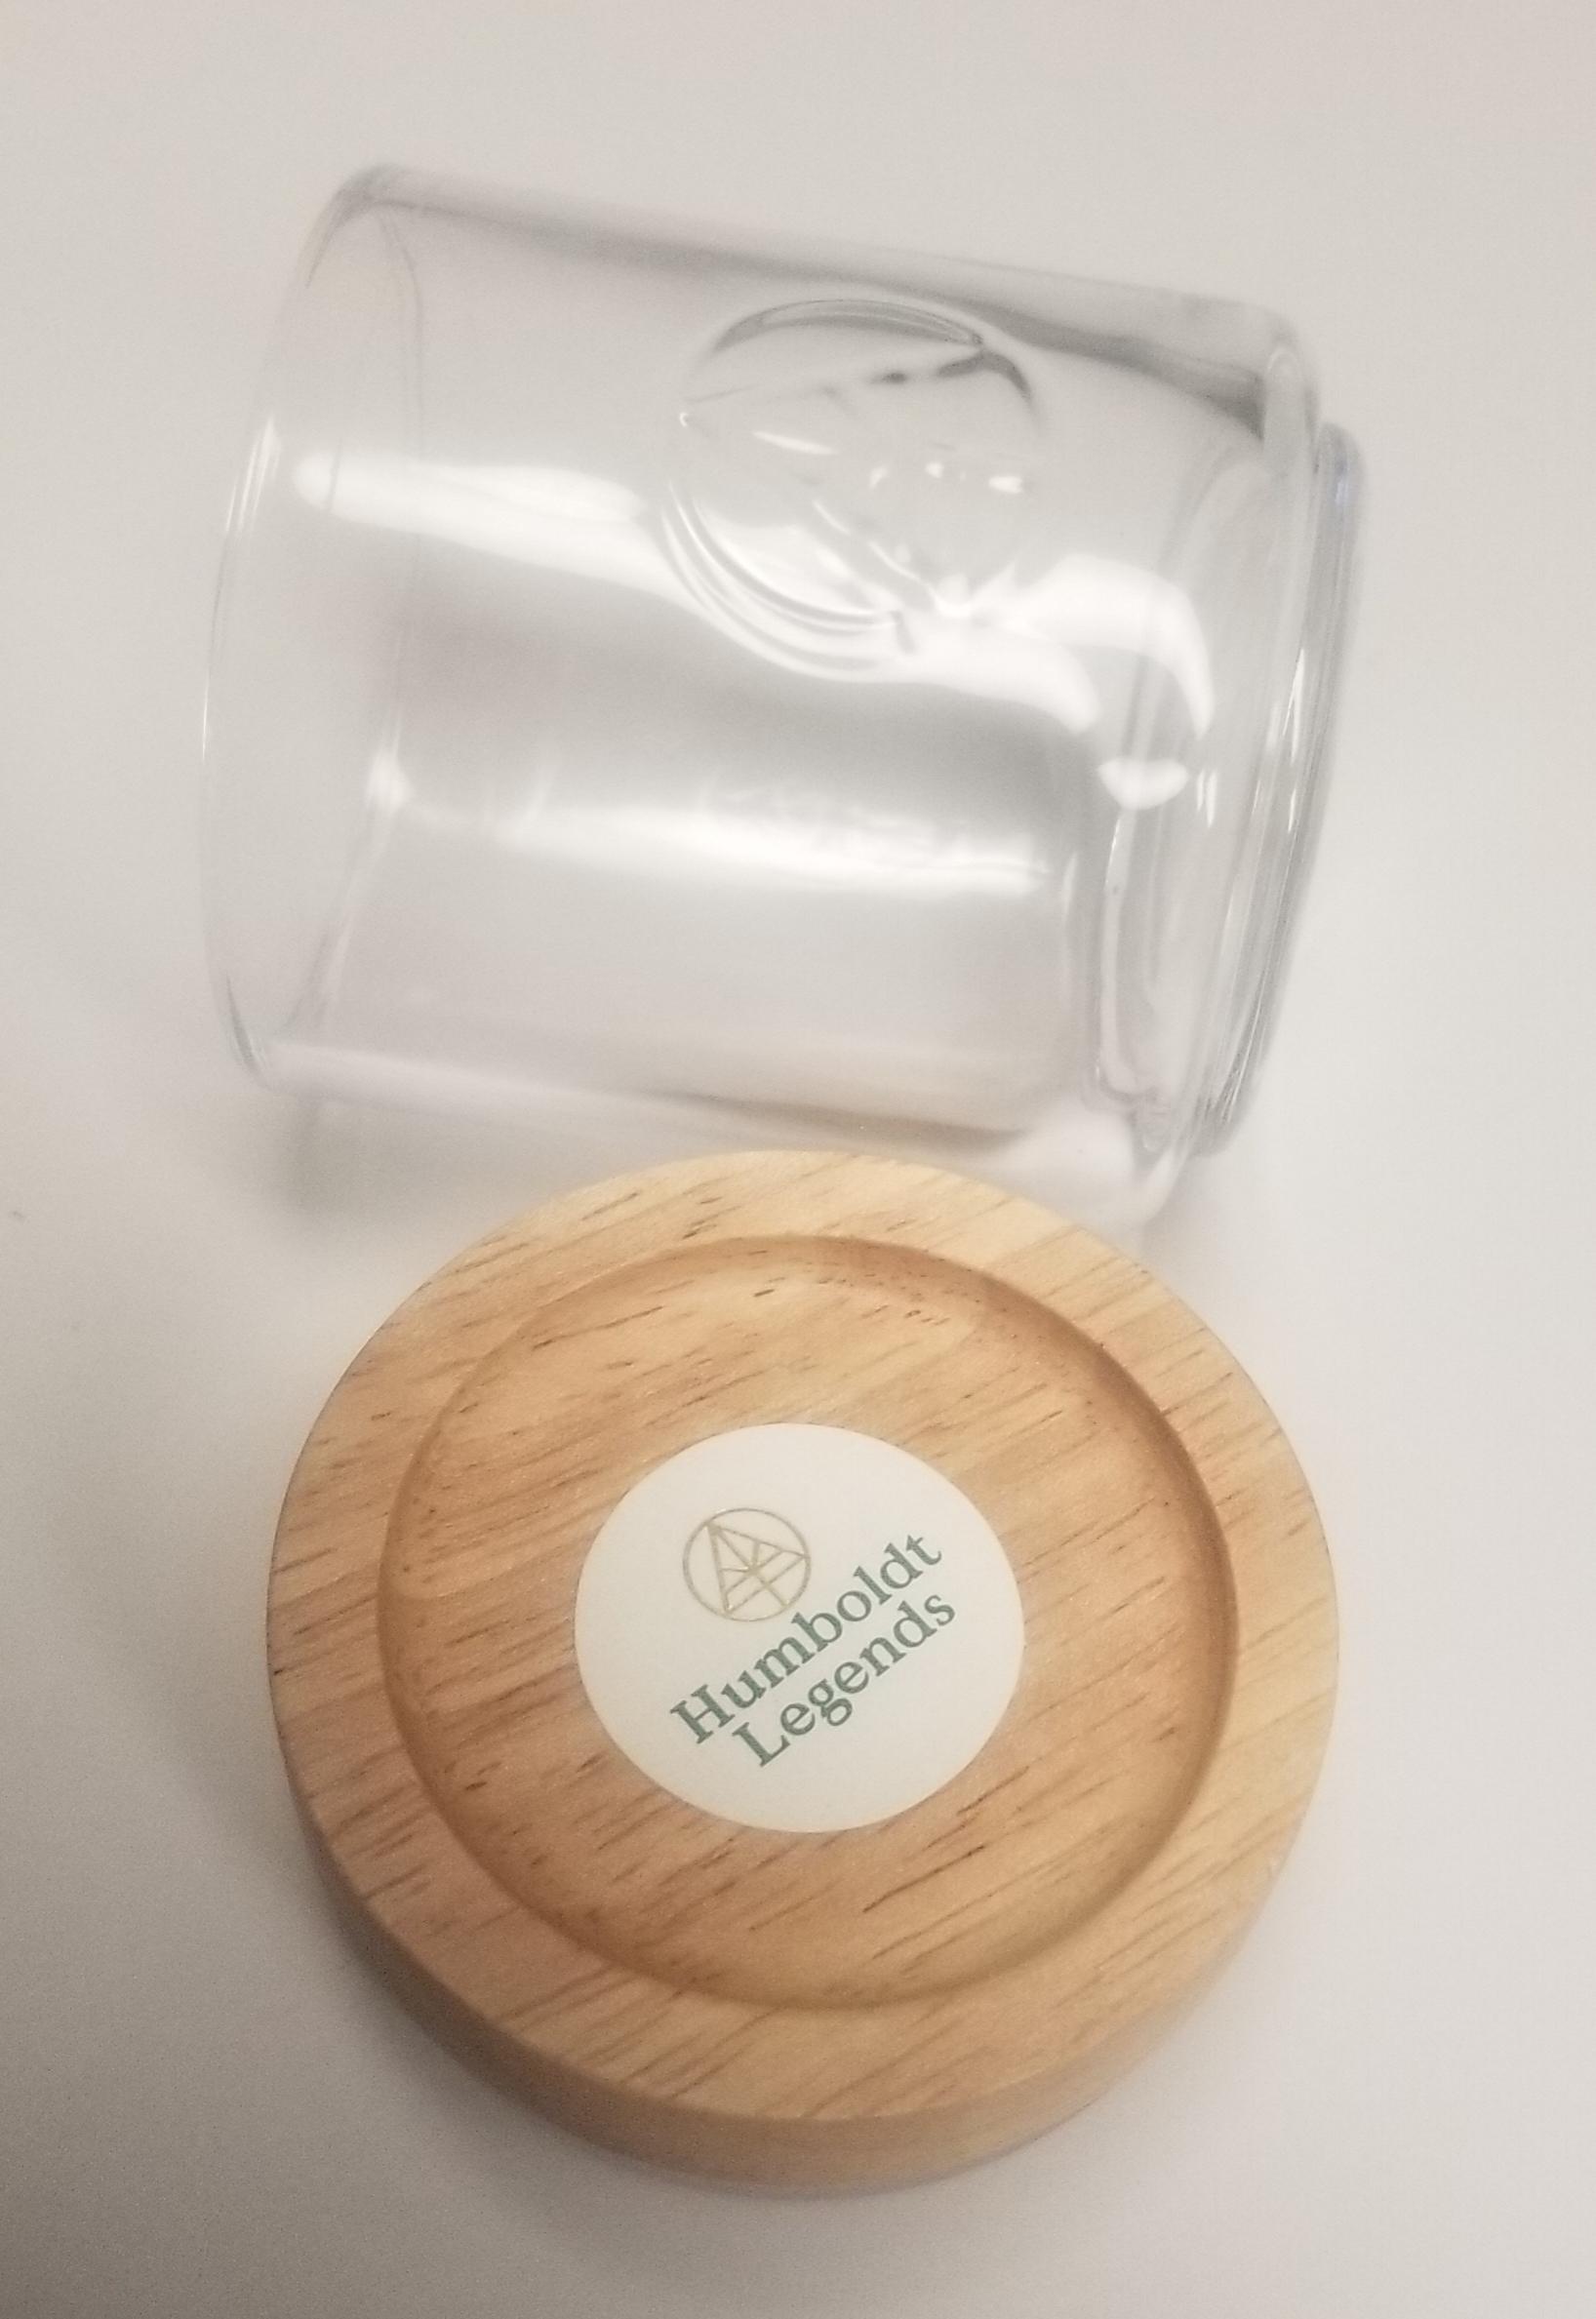 Humboldt Legends Jar -